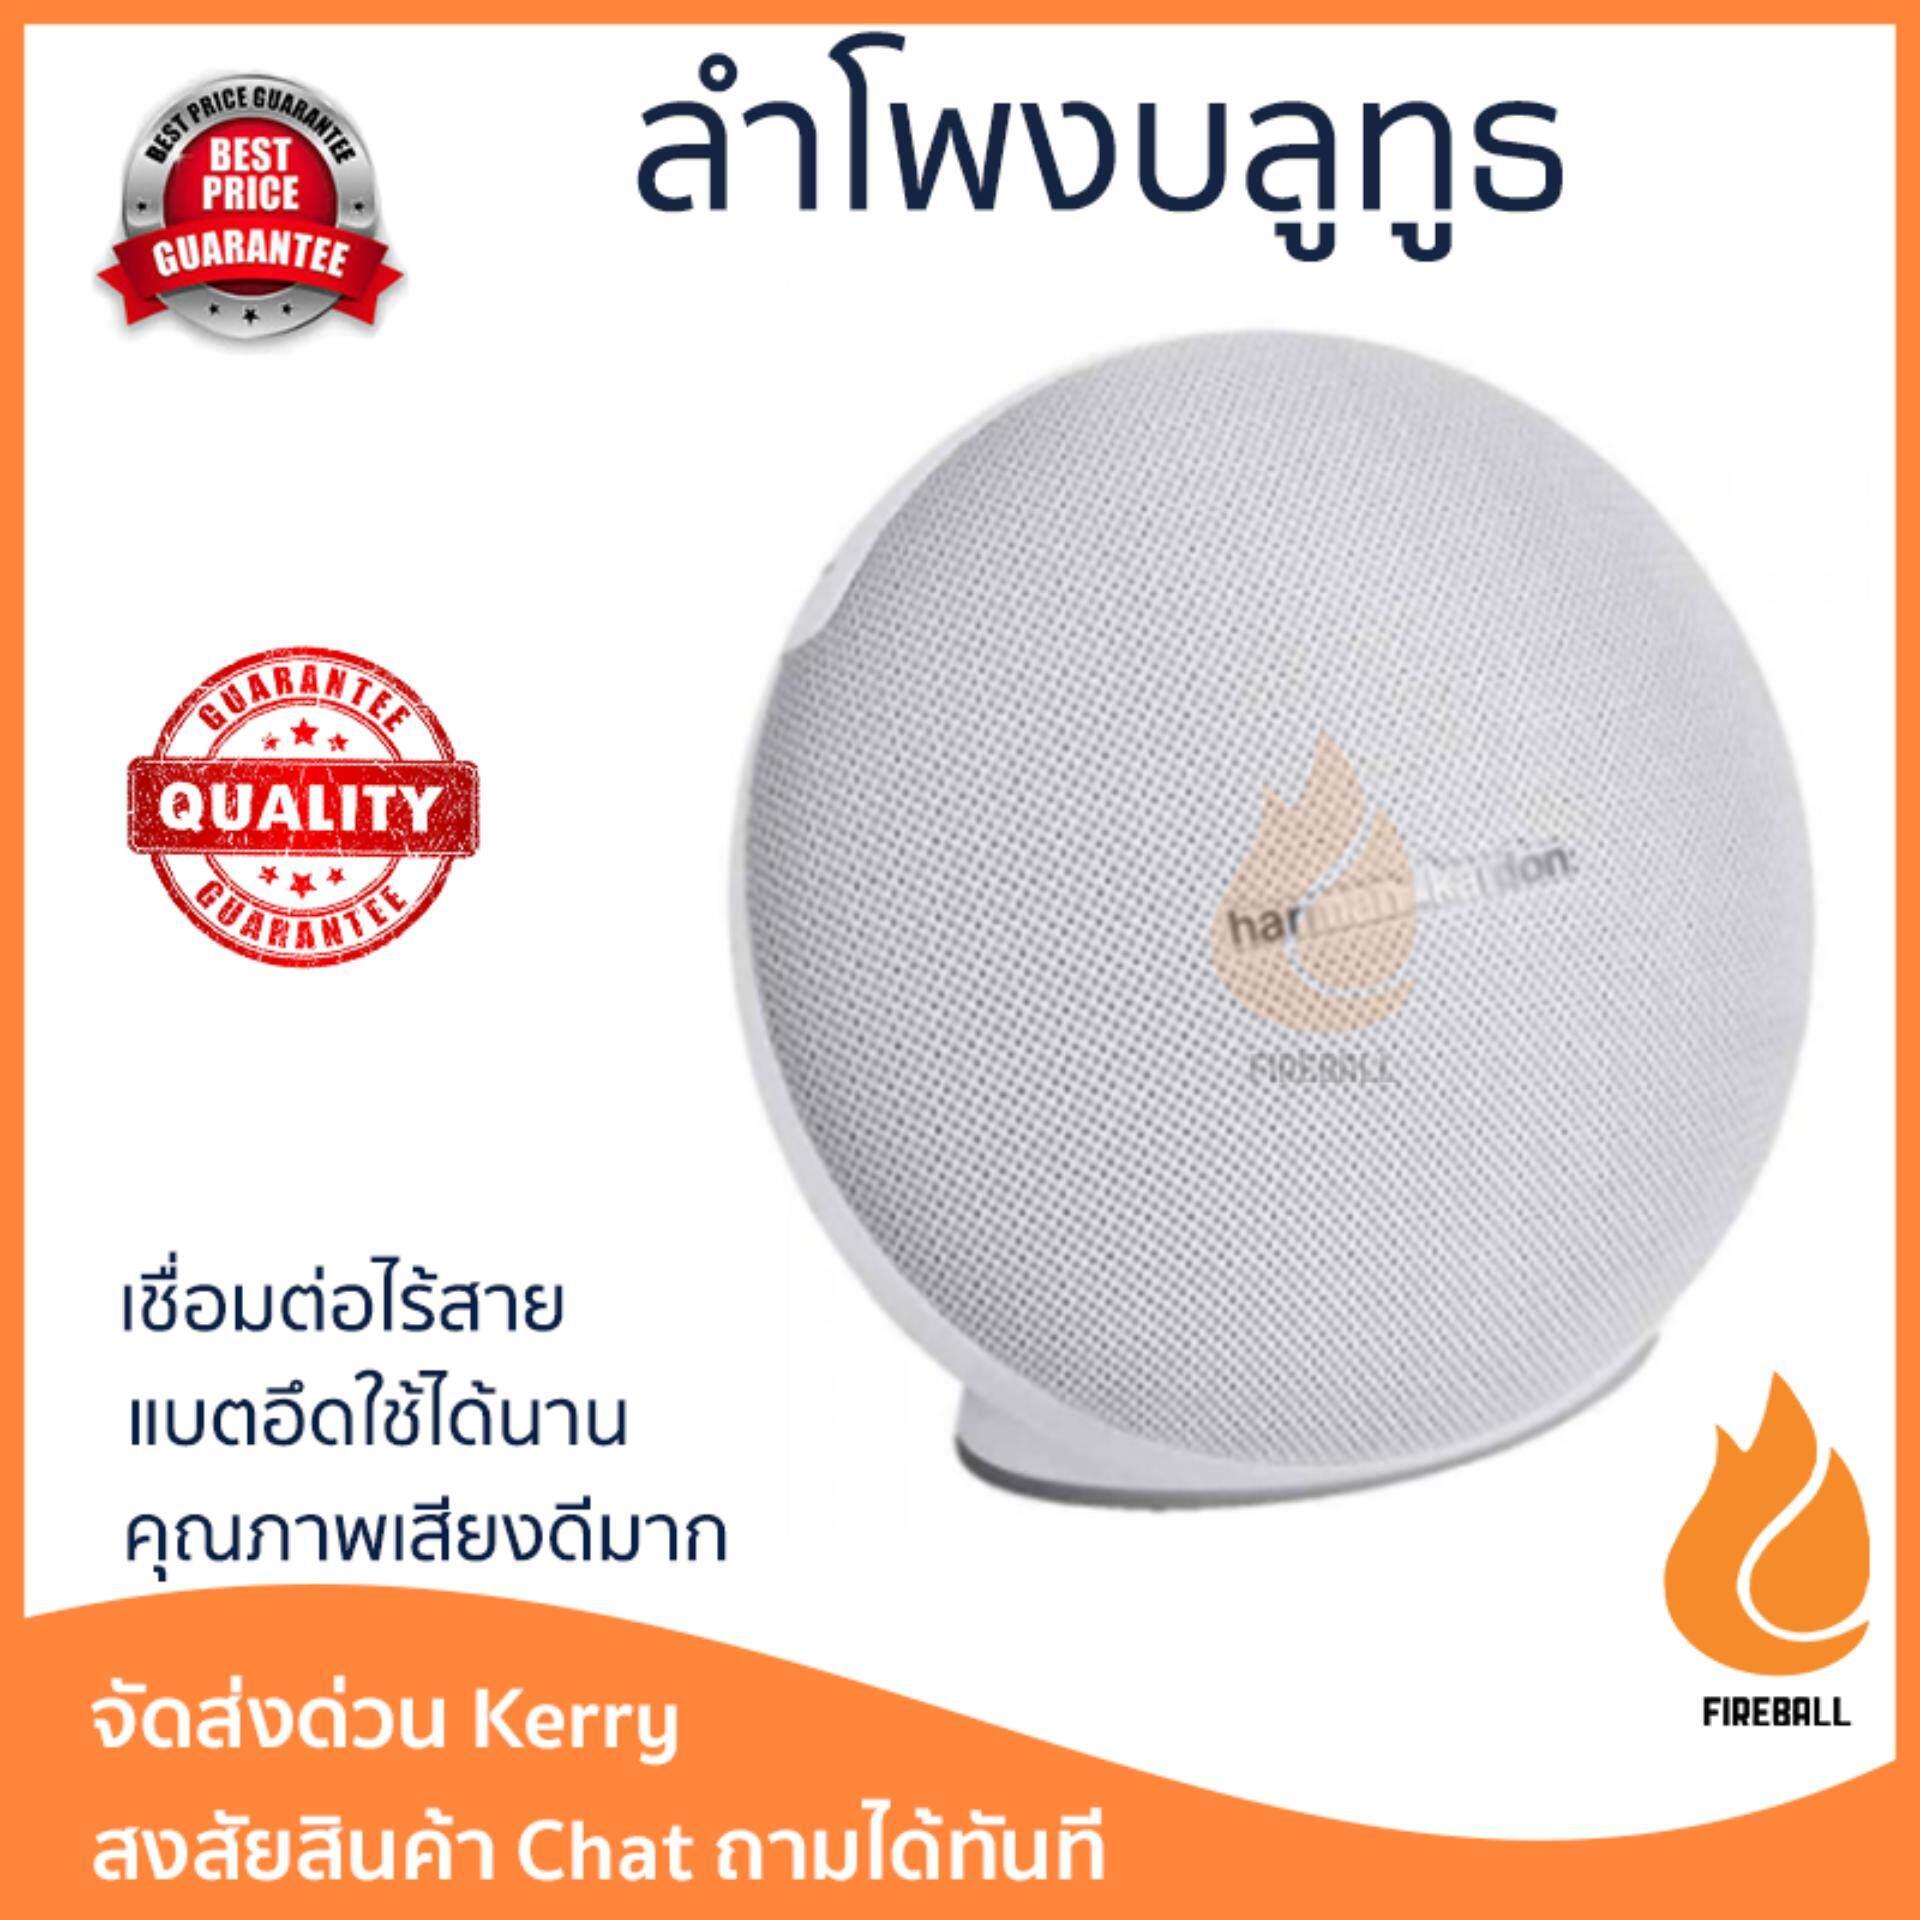 ยี่ห้อไหนดี  ตราด จัดส่งฟรี ลำโพงบลูทูธ  Harman Kardon Bluetooth Speaker 2.1 Onyx Mini White เสียงใส คุณภาพเกินตัว Wireless Bluetooth Speaker รับประกัน 1 ปี